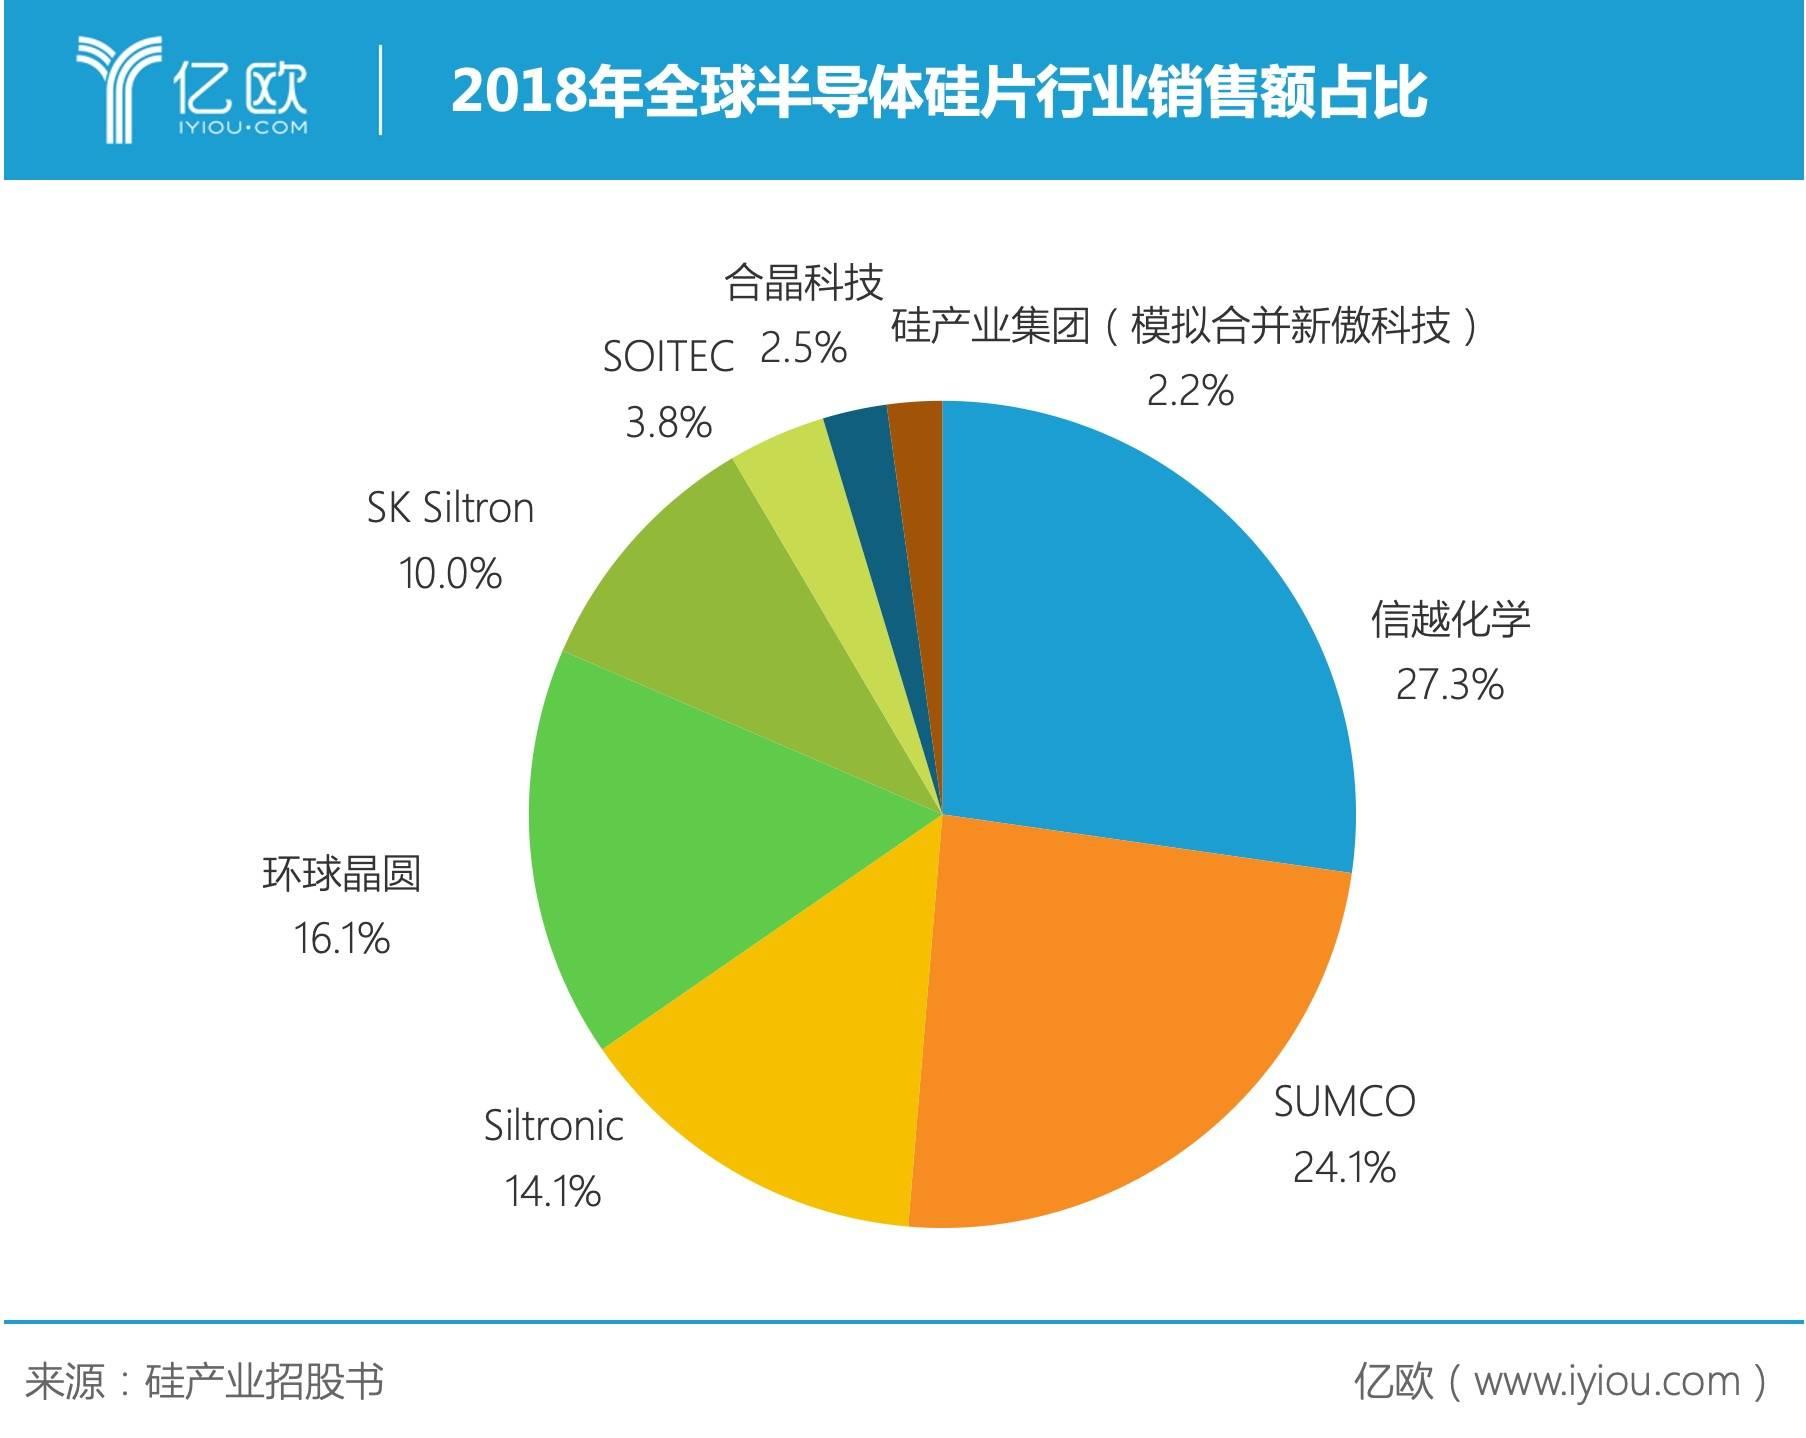 2018年全球半导体硅片行业销售额占比